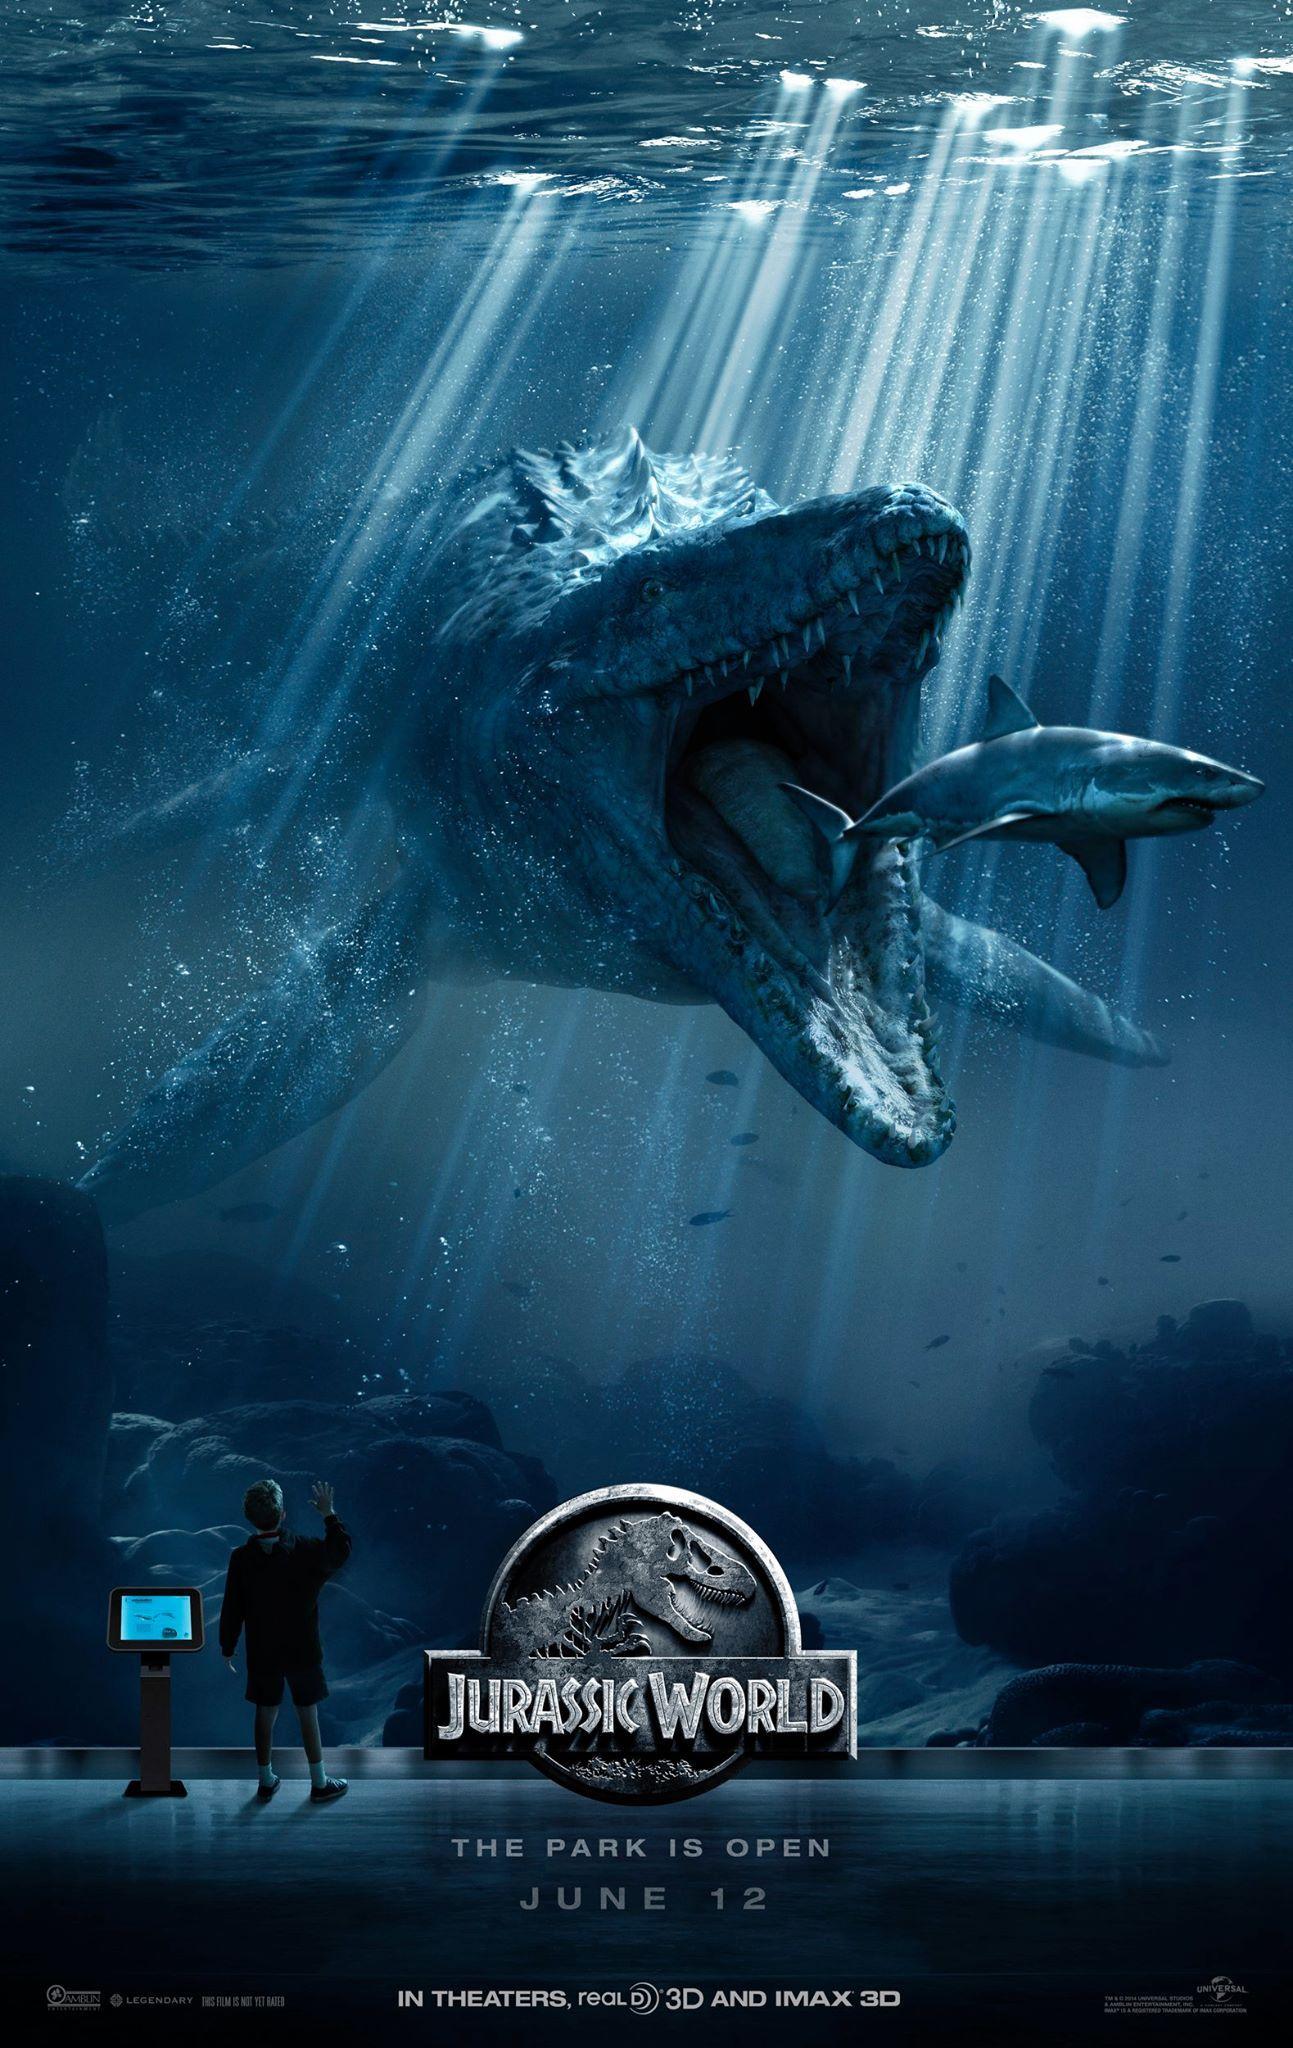 Jurassic World <3 - meme